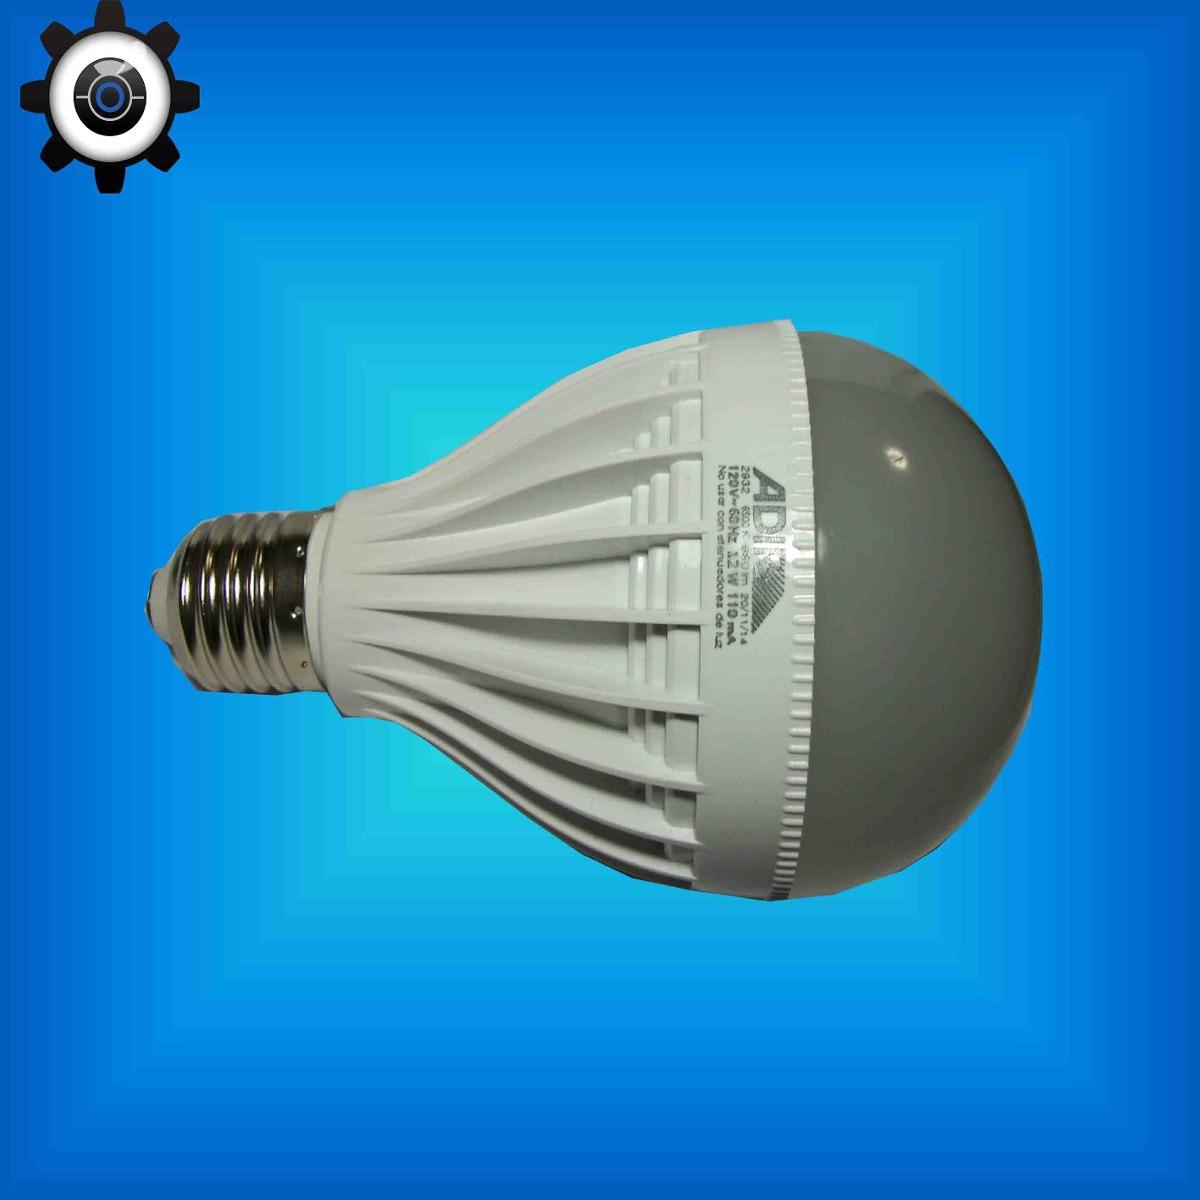 Foco led tipo bulbo de 12 watts equivale a un foco de for Focos led jardin